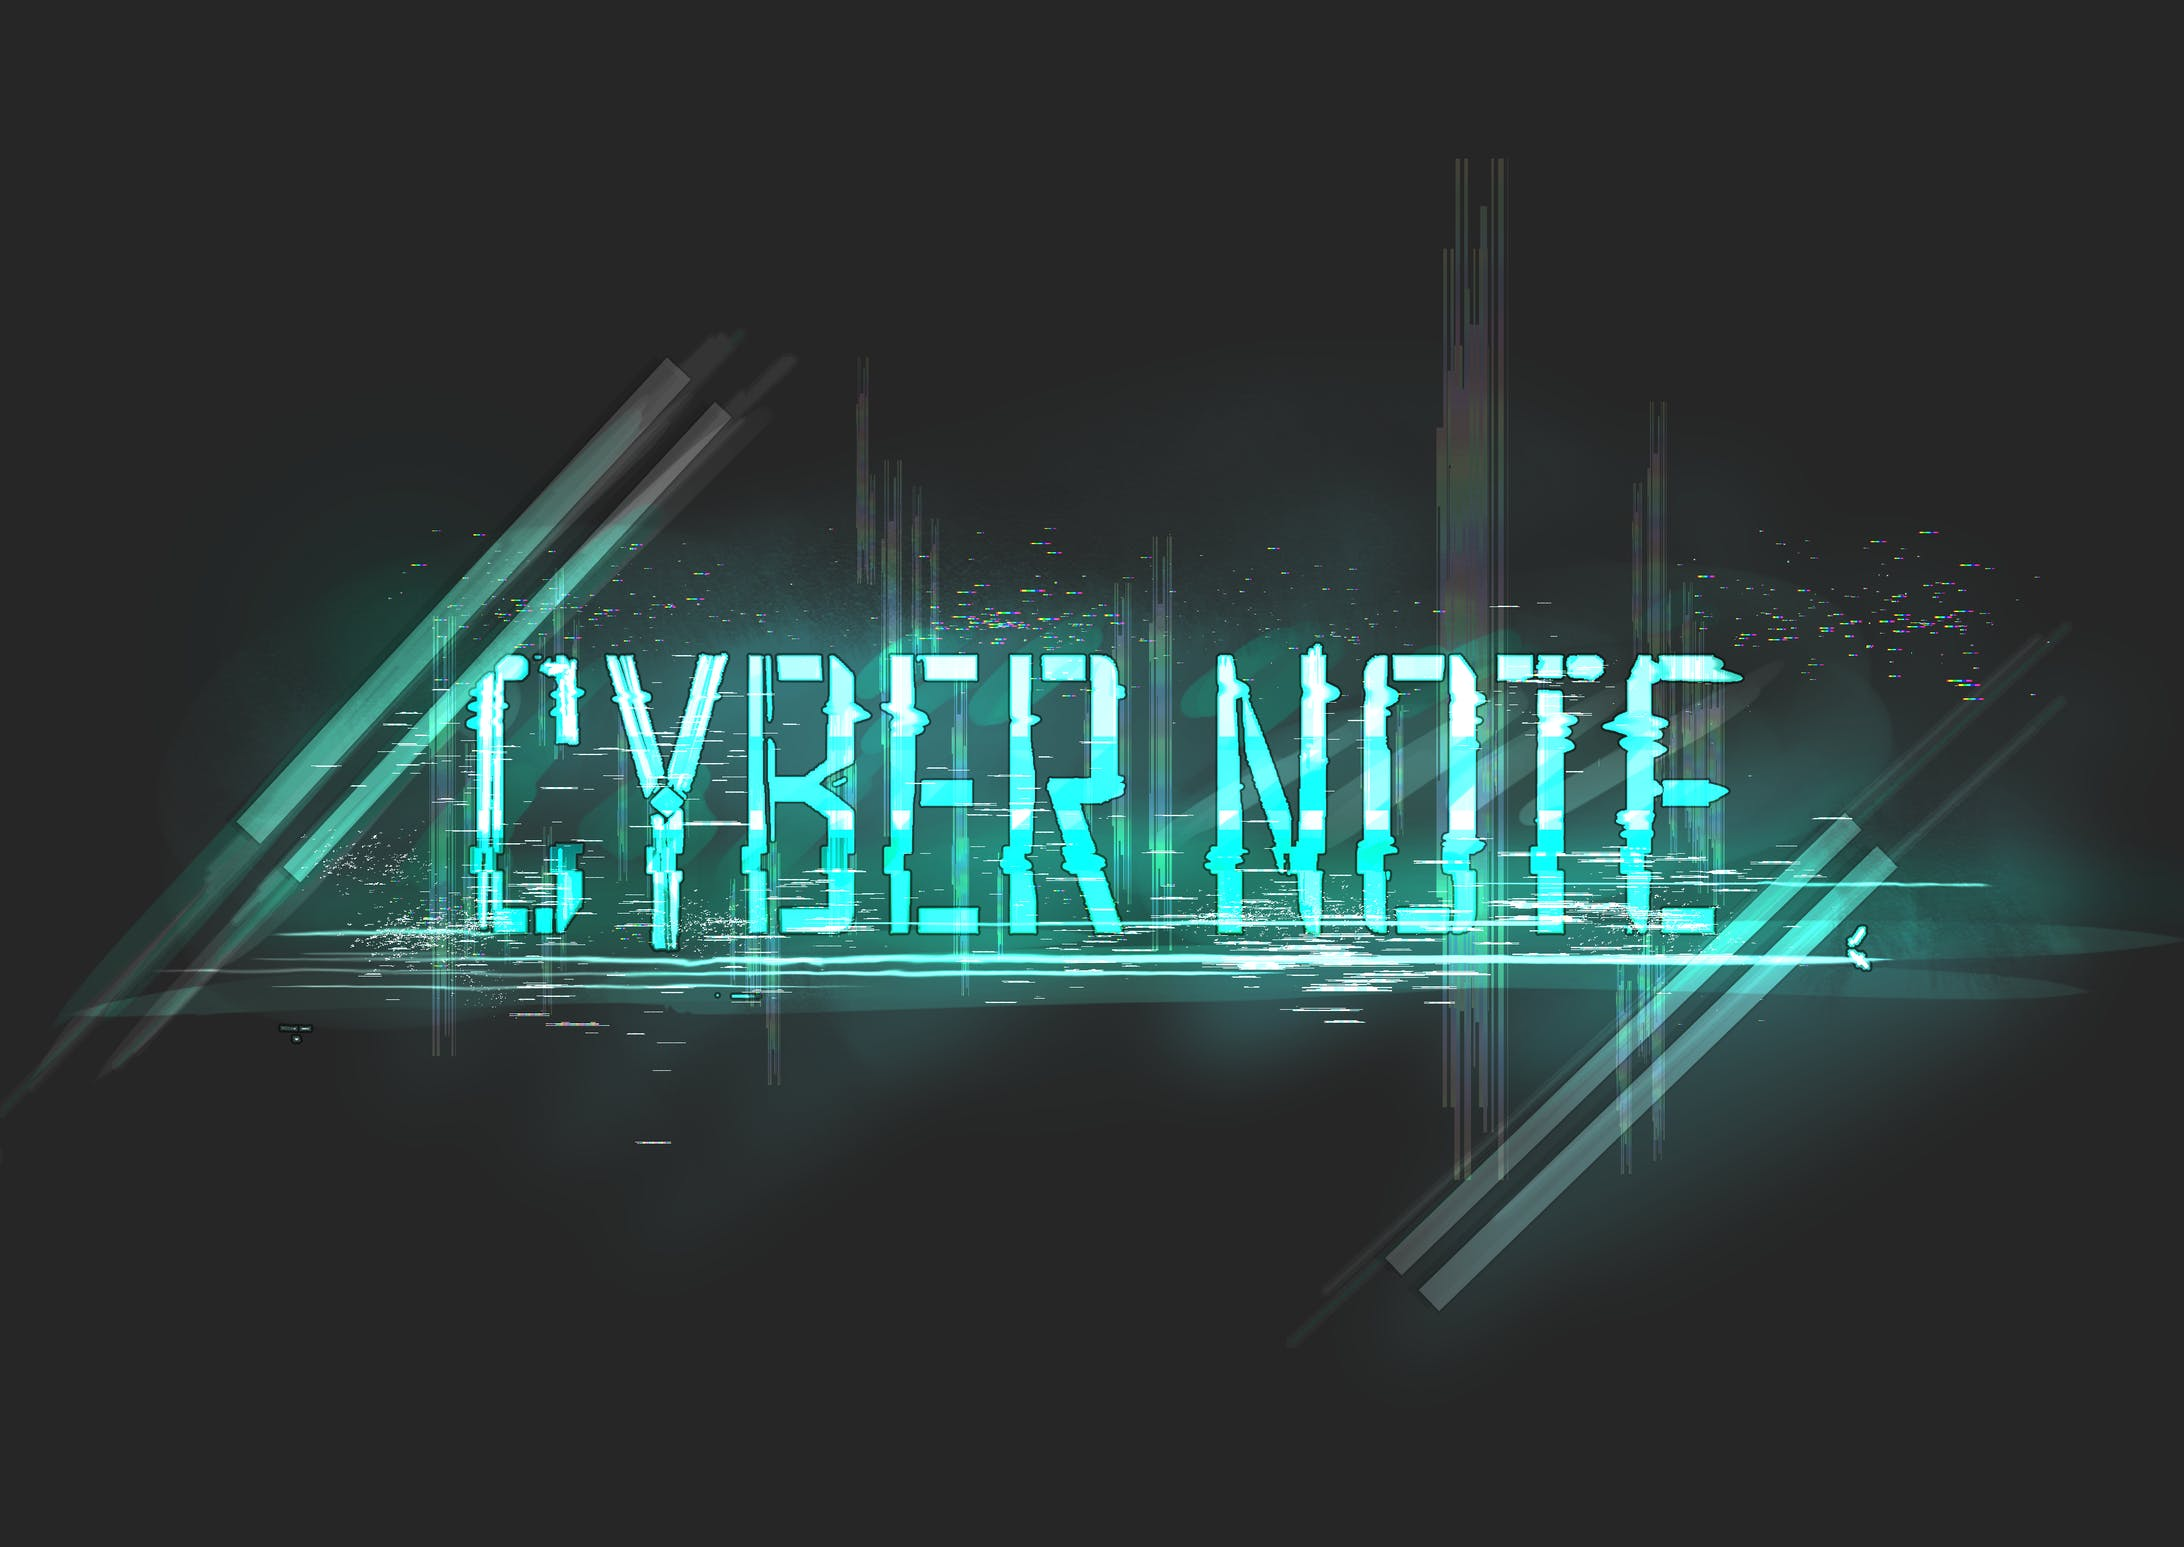 SYBERNOTE ーー同人ゲームタイトル作成-1